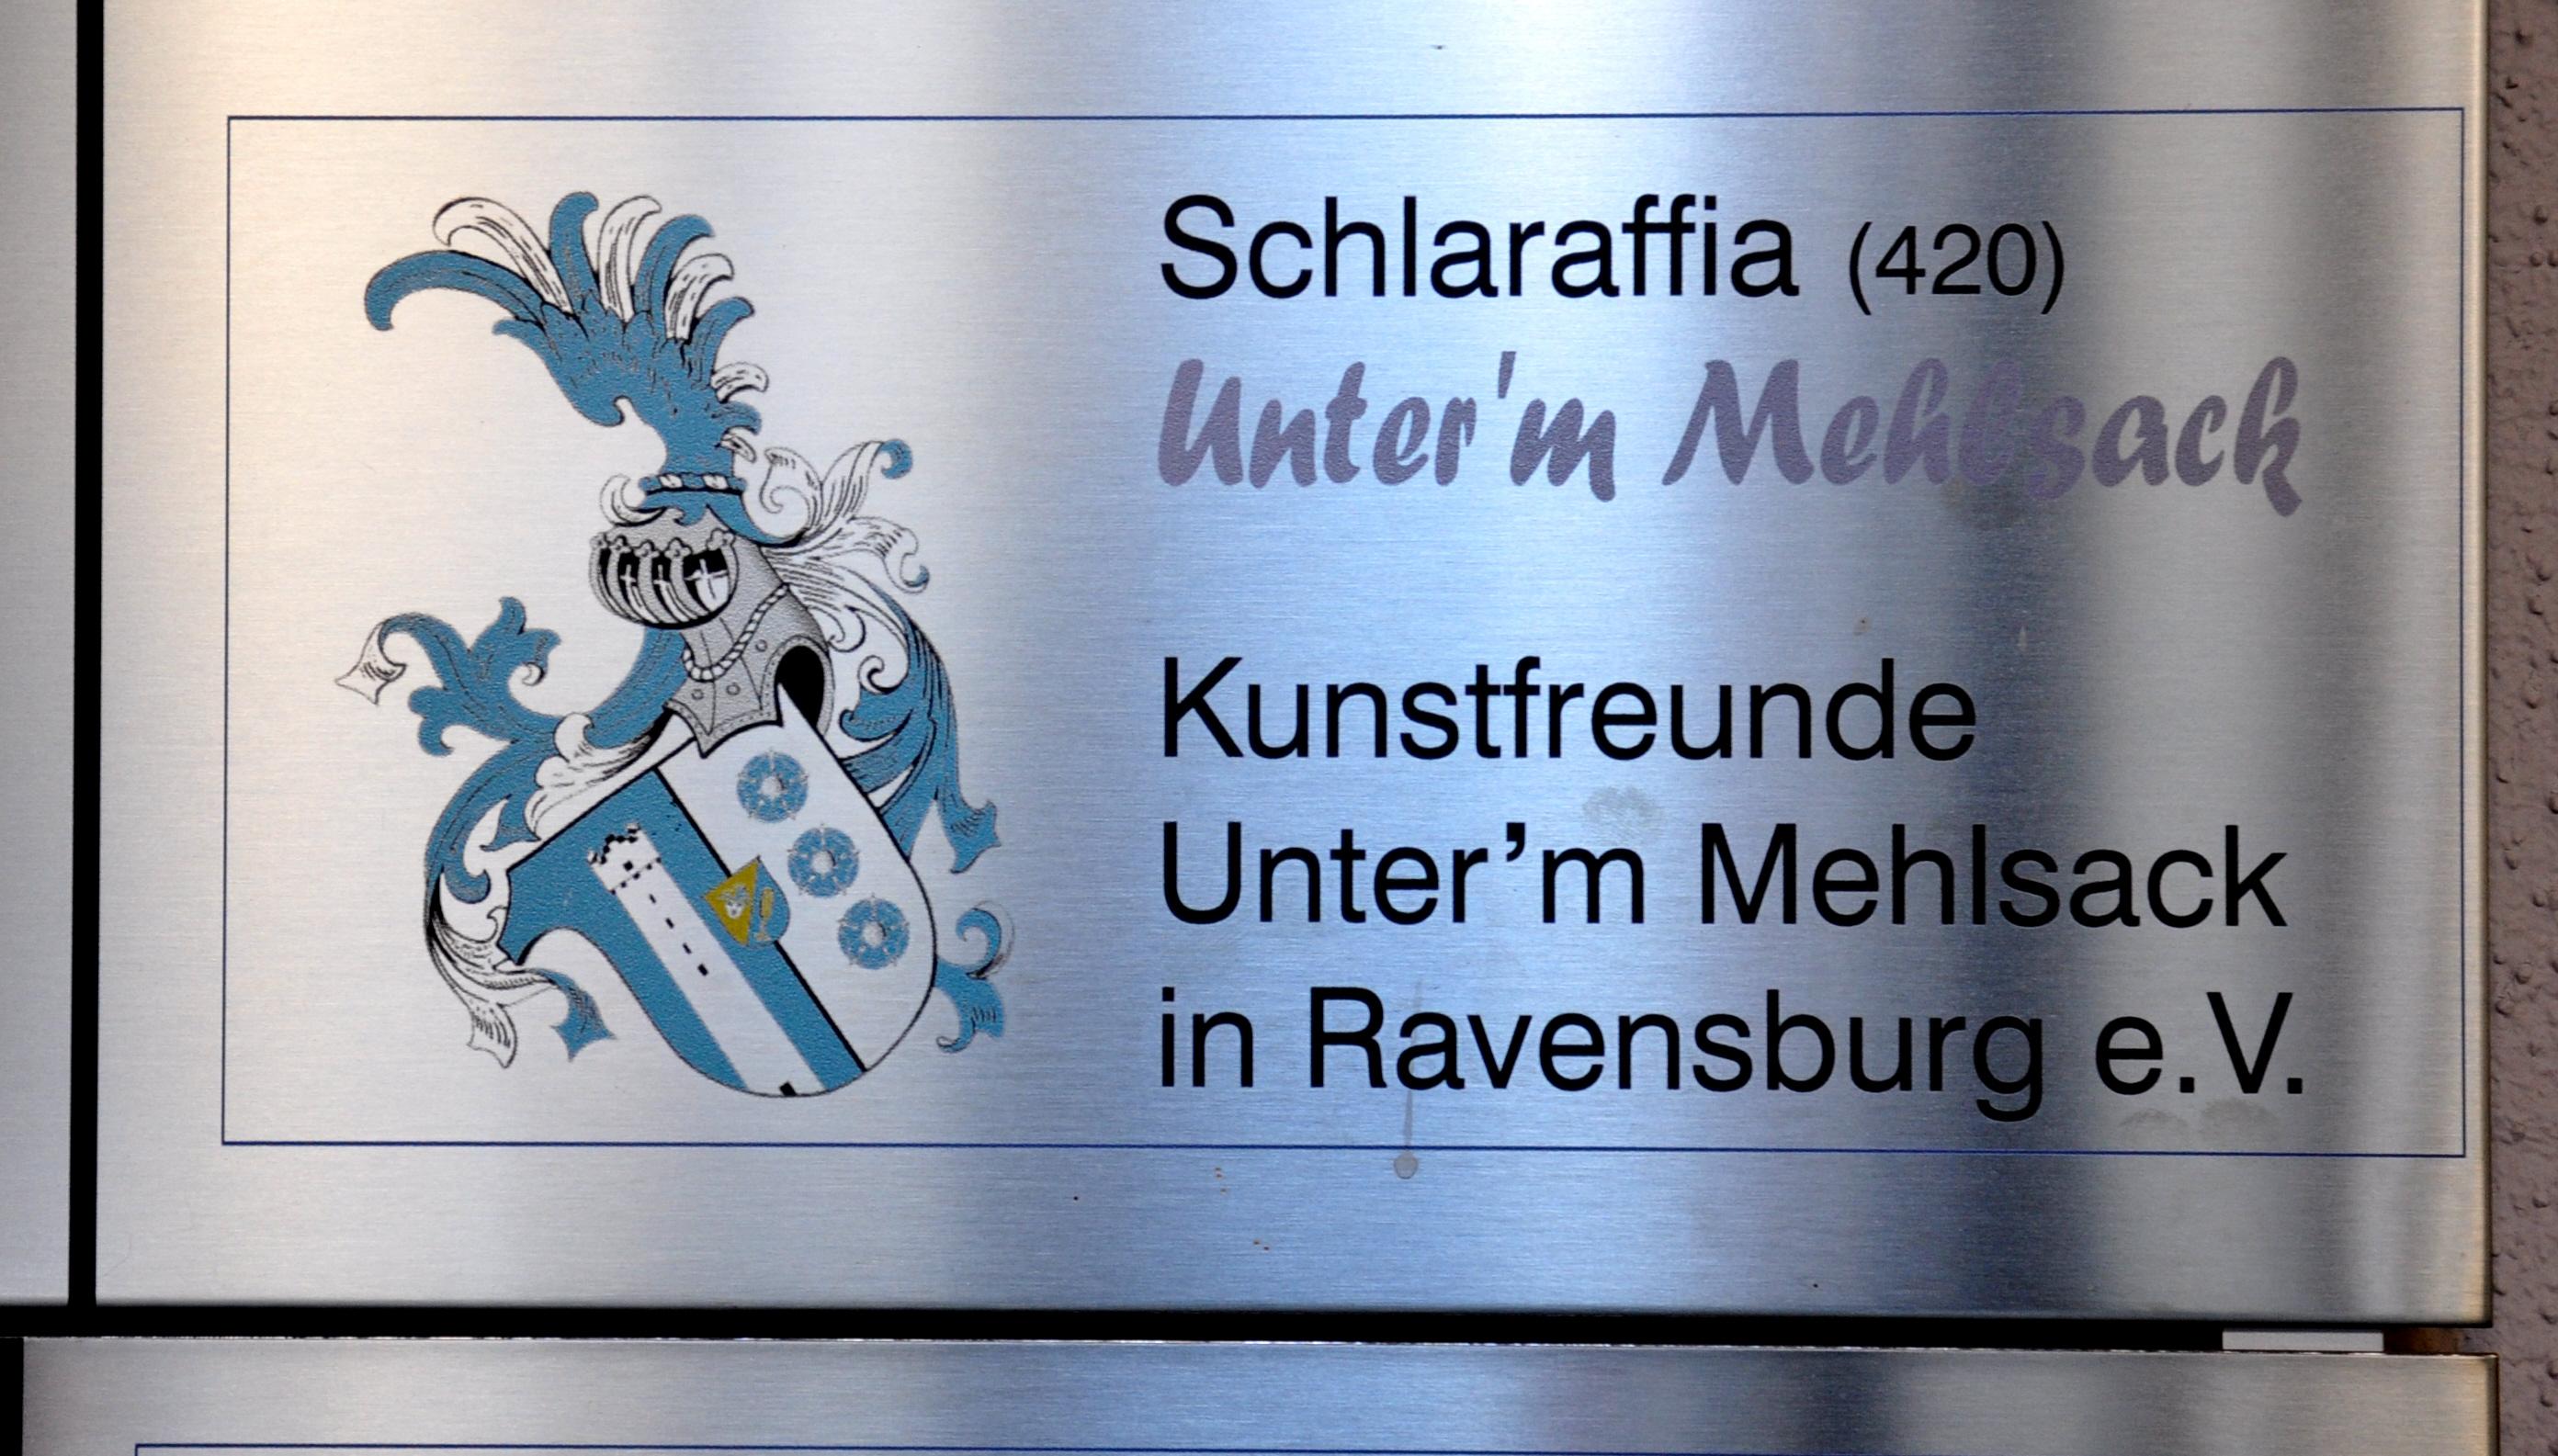 Schlaraffia trendy finest free schlaraffia society - Mobel ravensburg ...